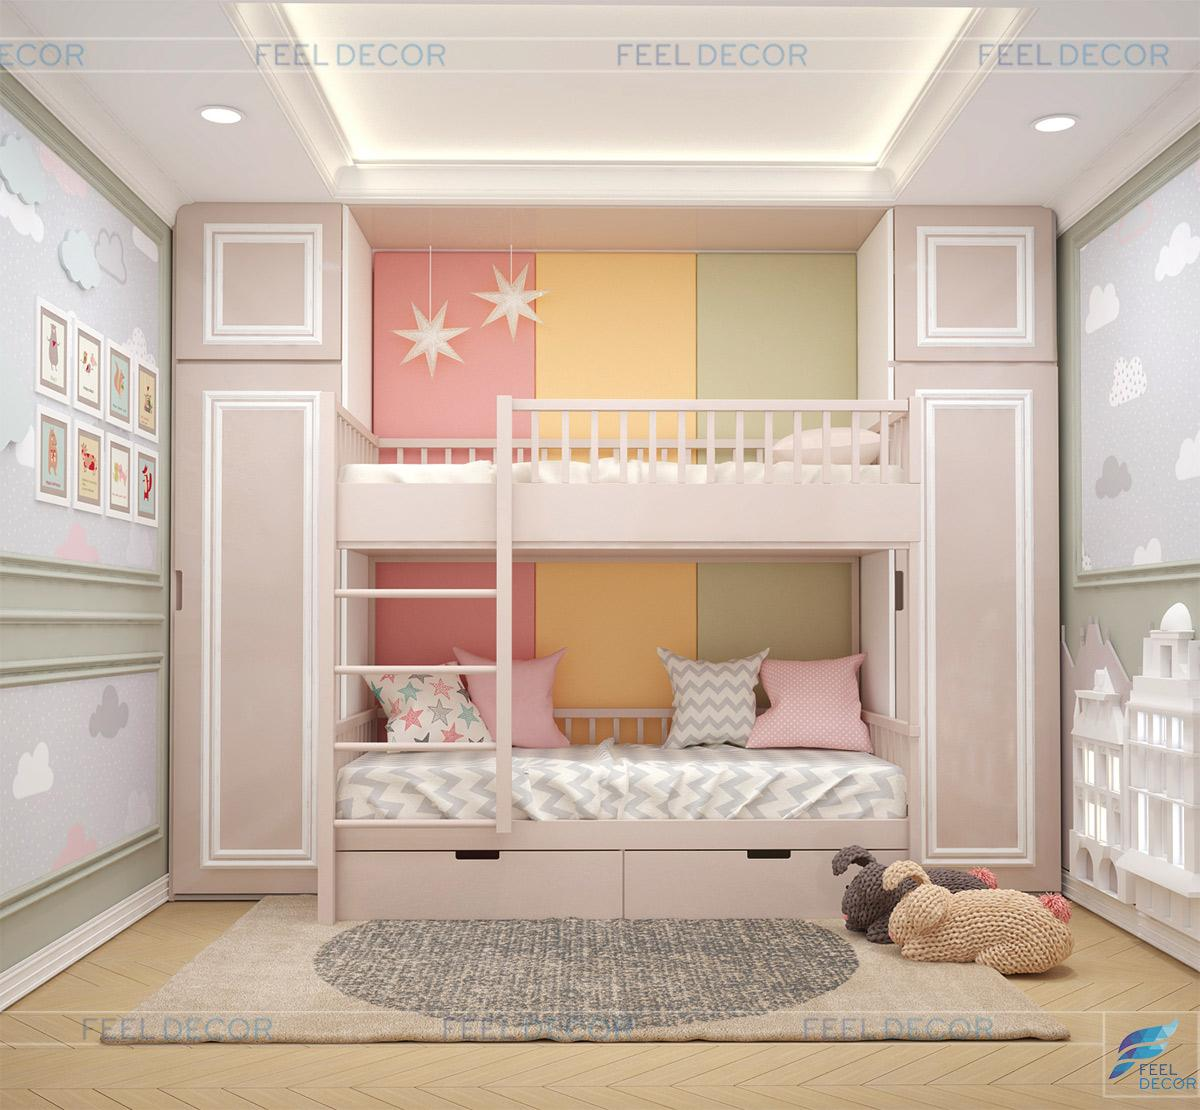 Thiết kế và thi công nội thất căn hộ 100m2 (3PN) chung cư Sky Center – FD1118